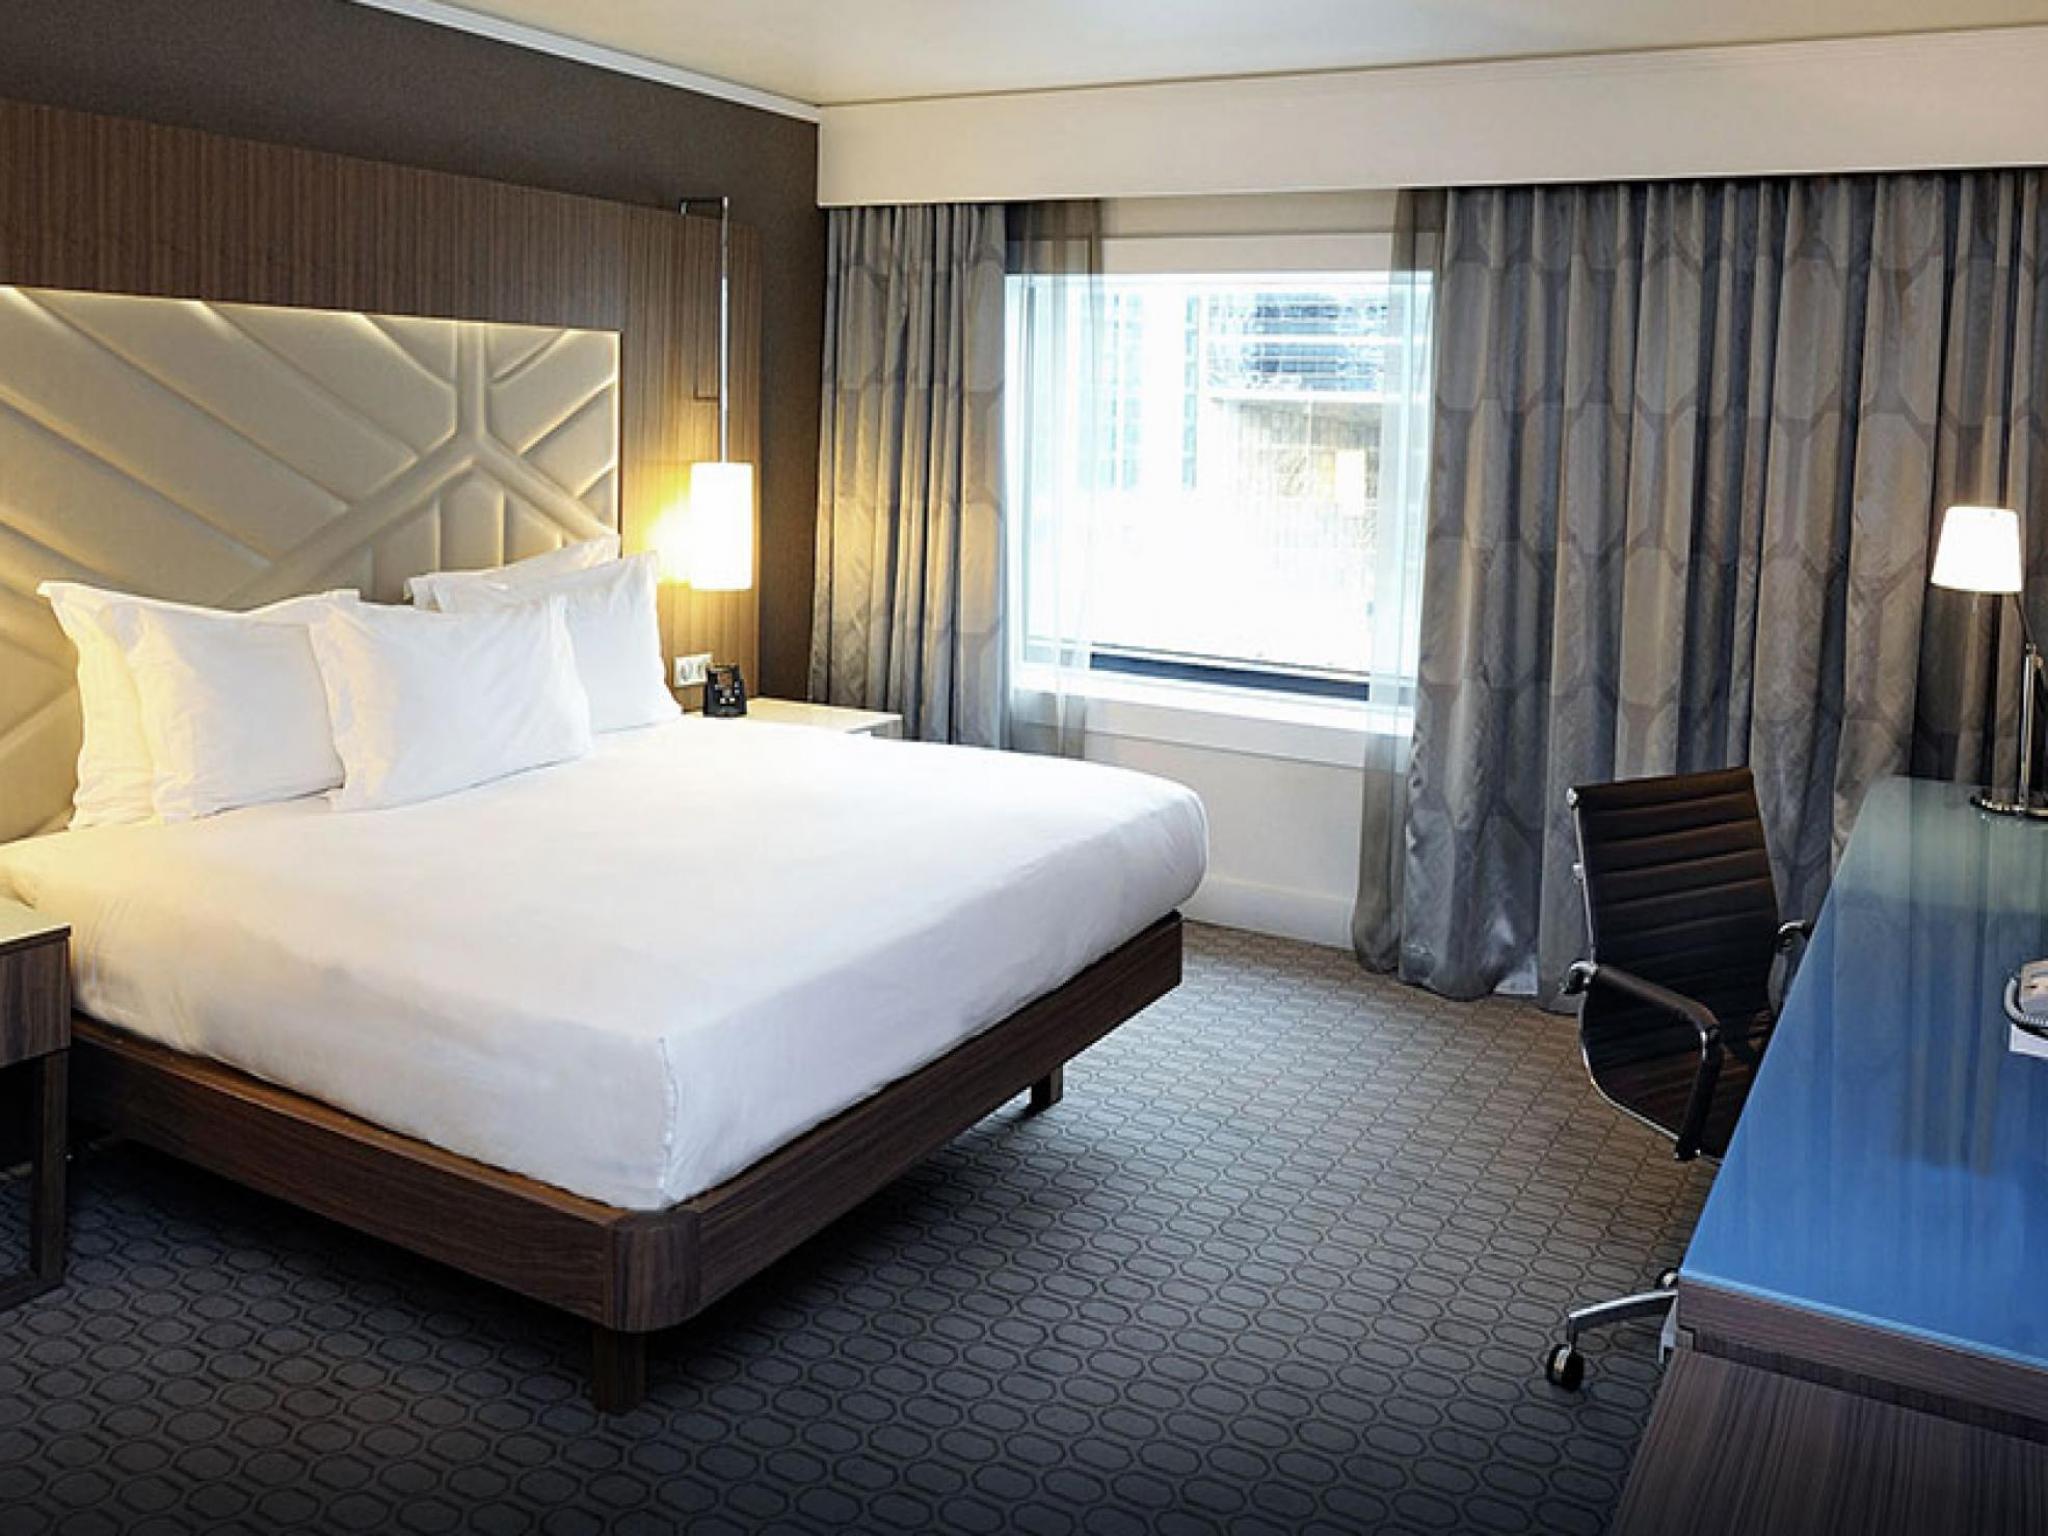 Hotel hilton la d fense sur h tel paris - Revente chambre hotel ...